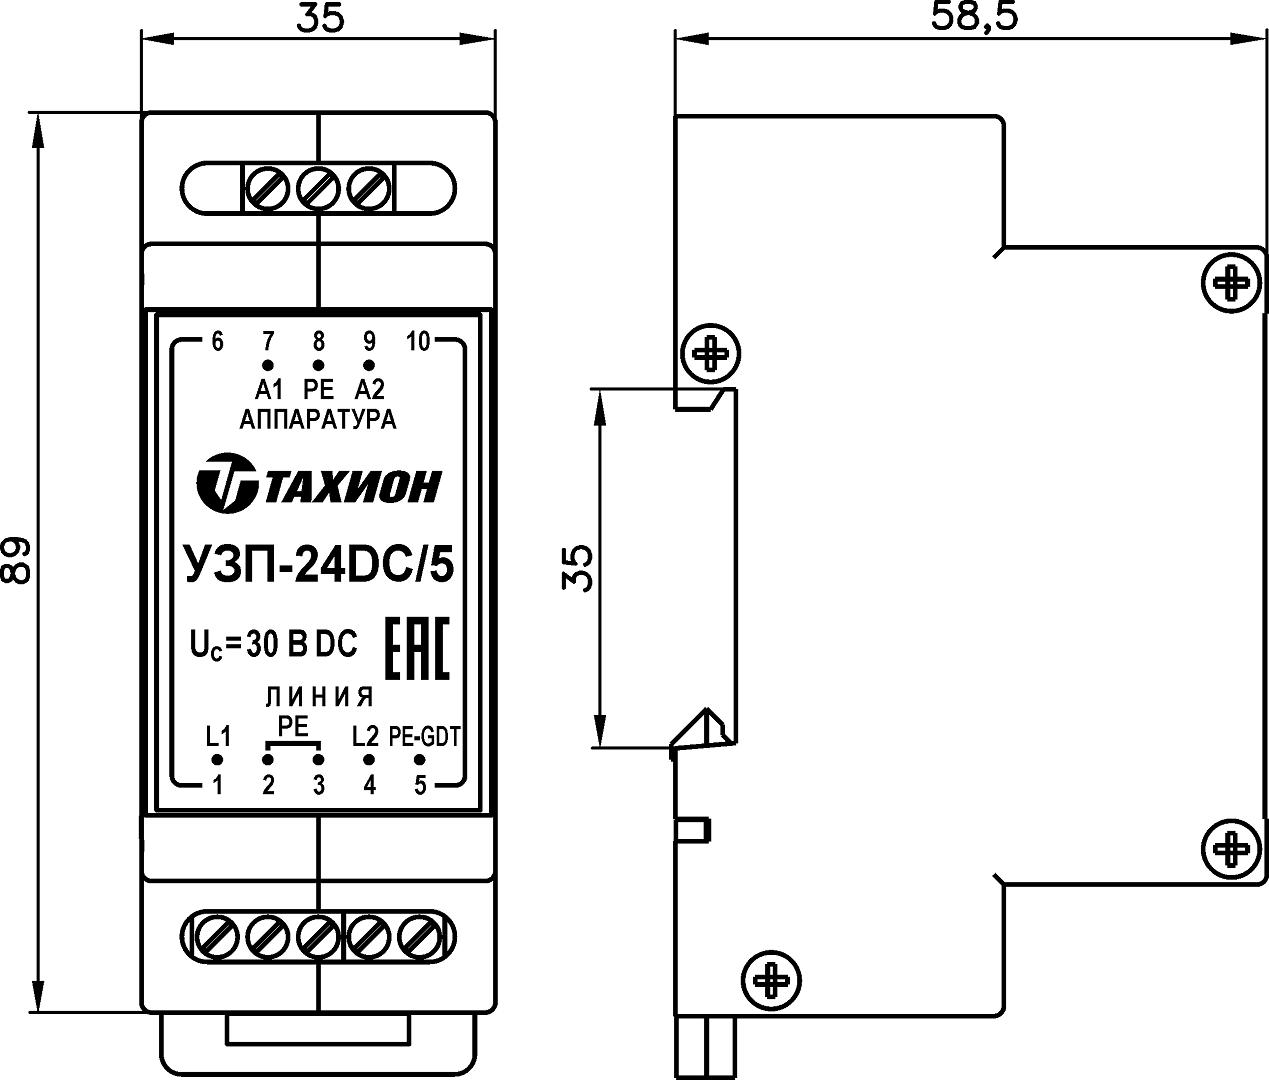 Устройство защиты цепей низковольтного электропитания <br>УЗП-24DC/5 20